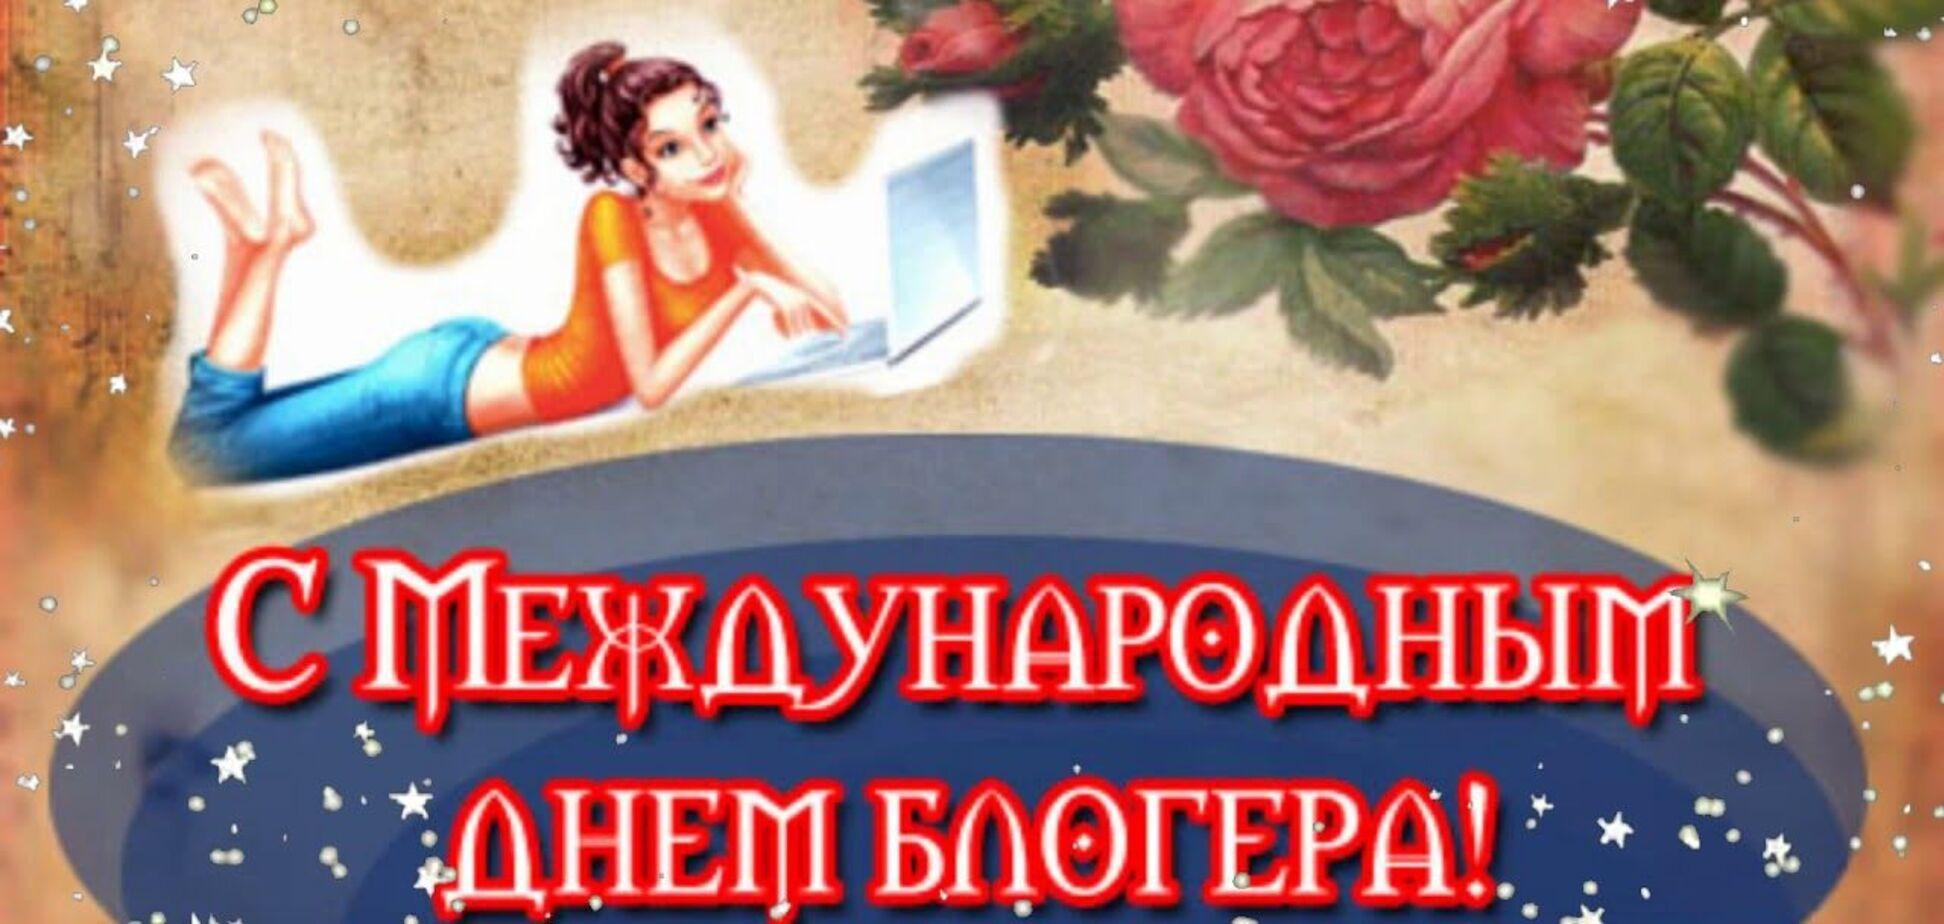 День блогера отмечается с 2004 года